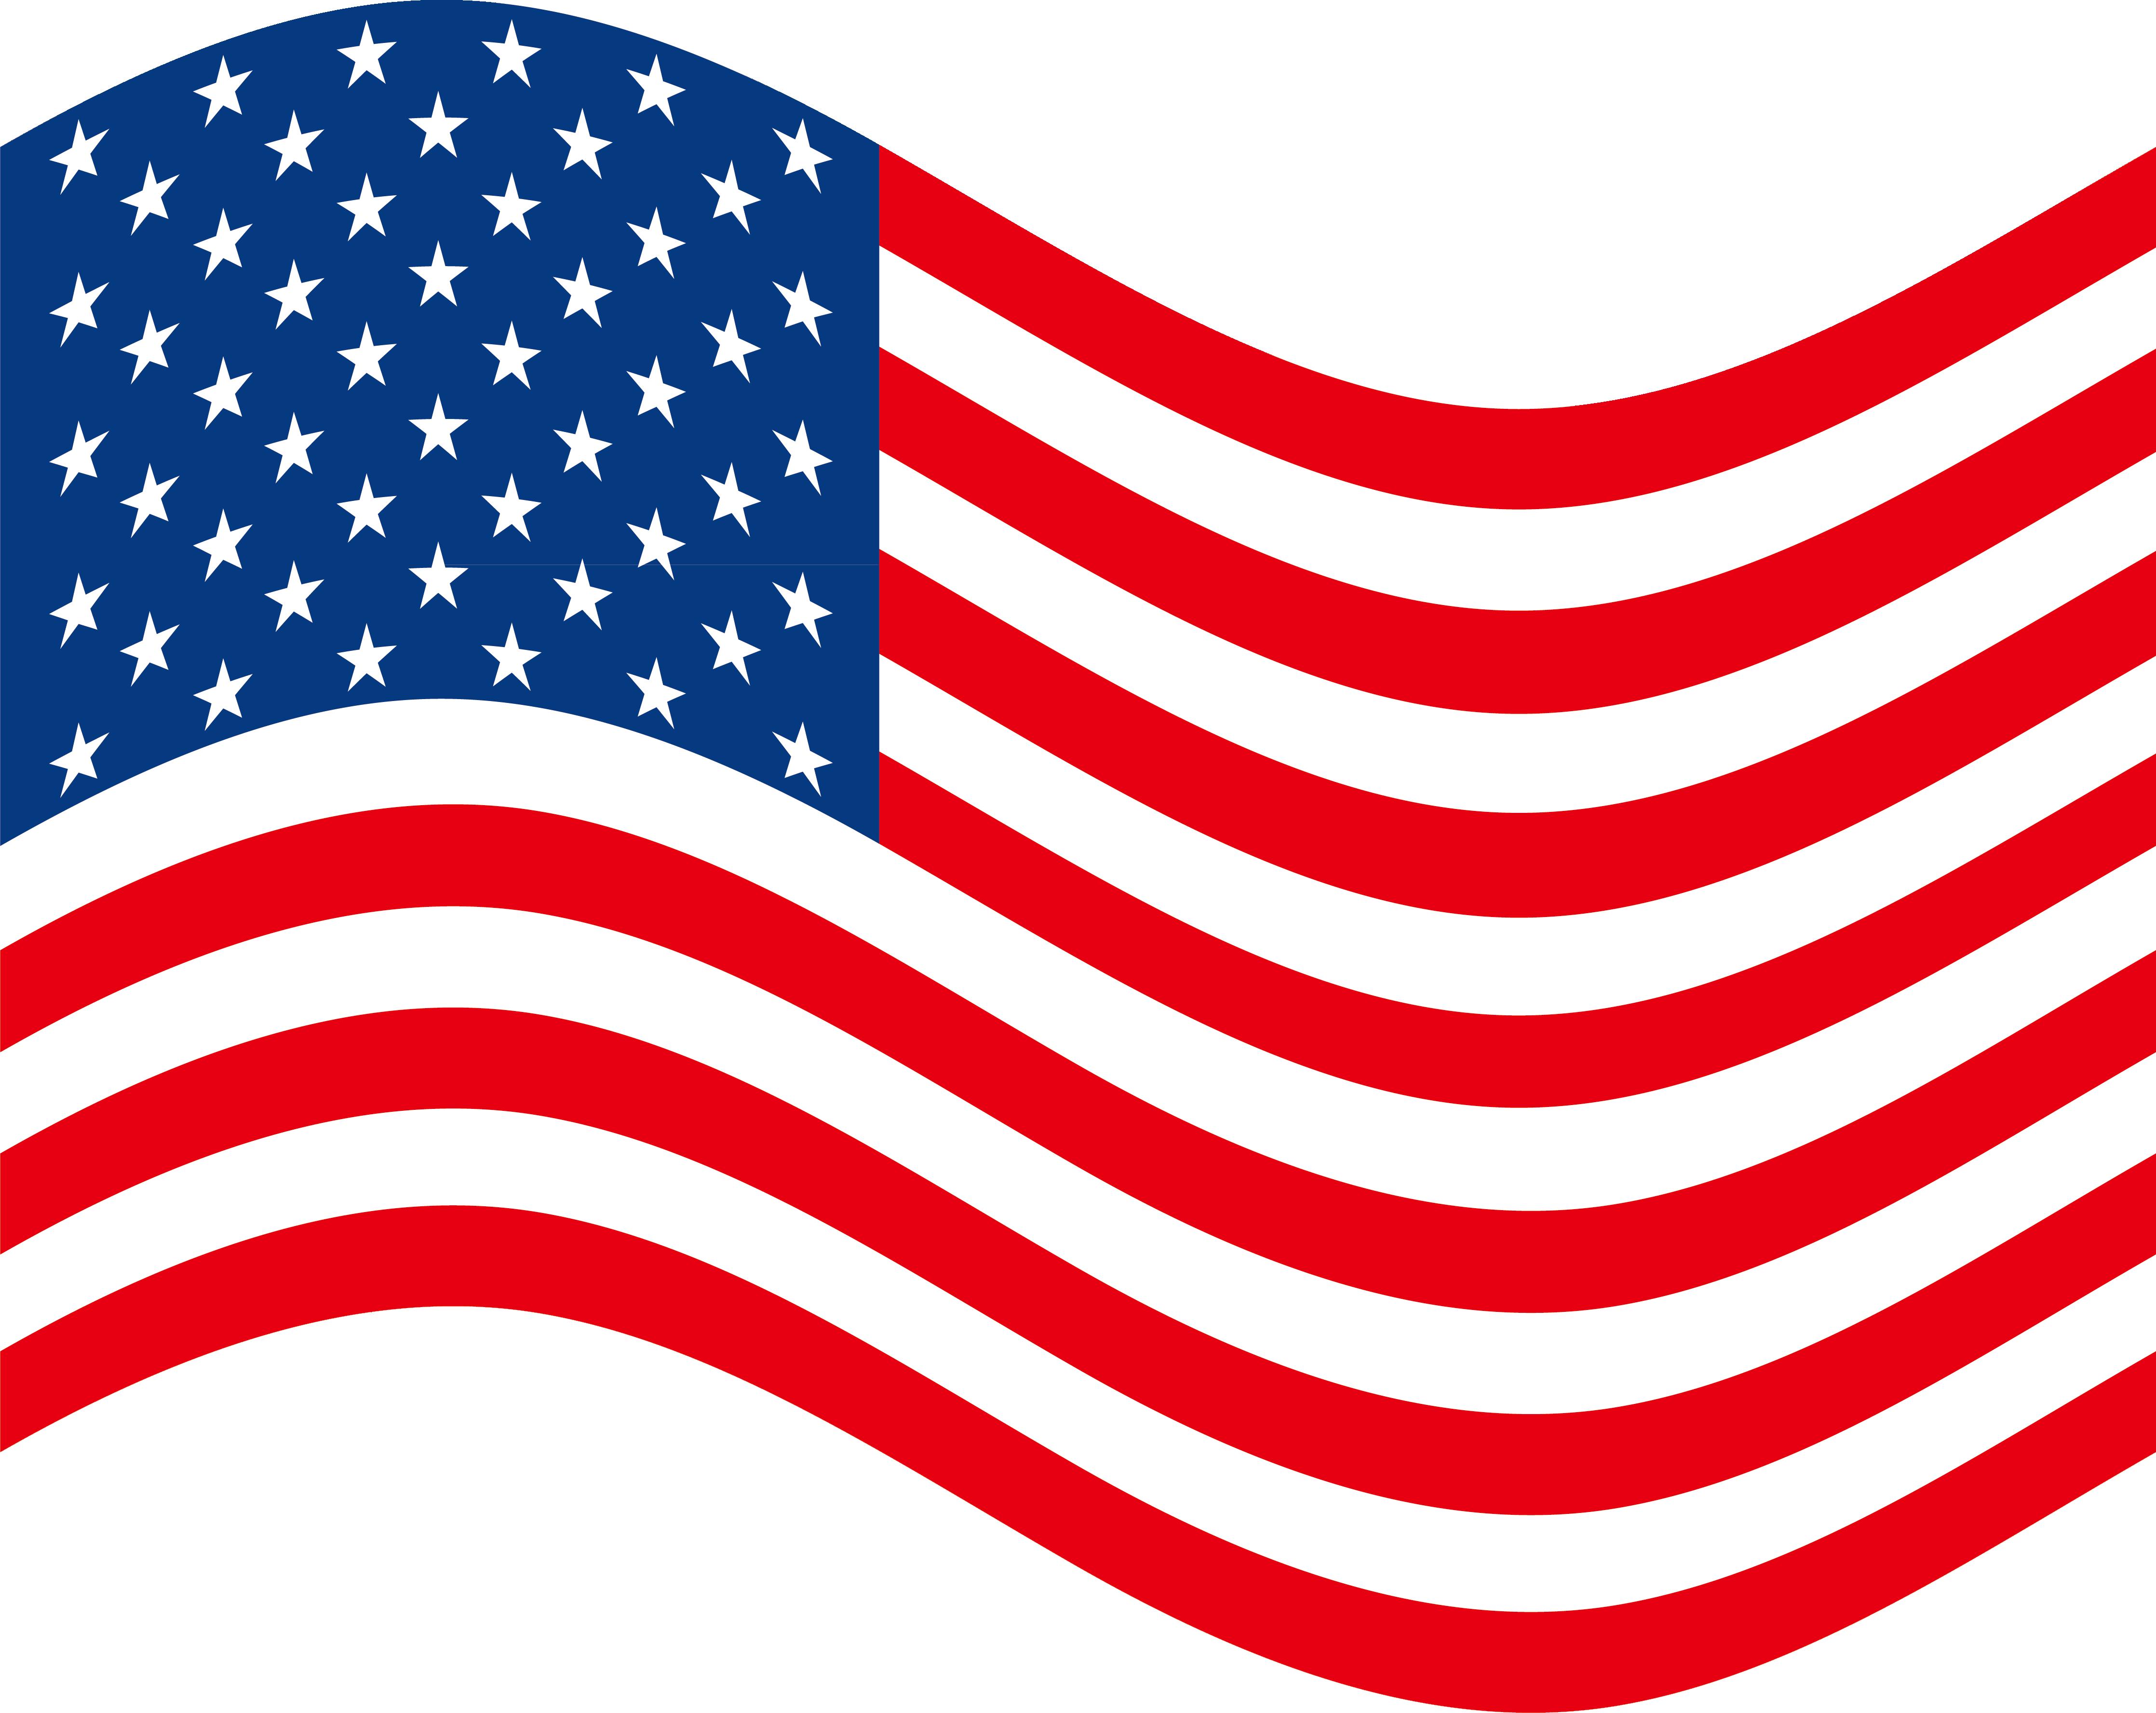 Usa americanflag